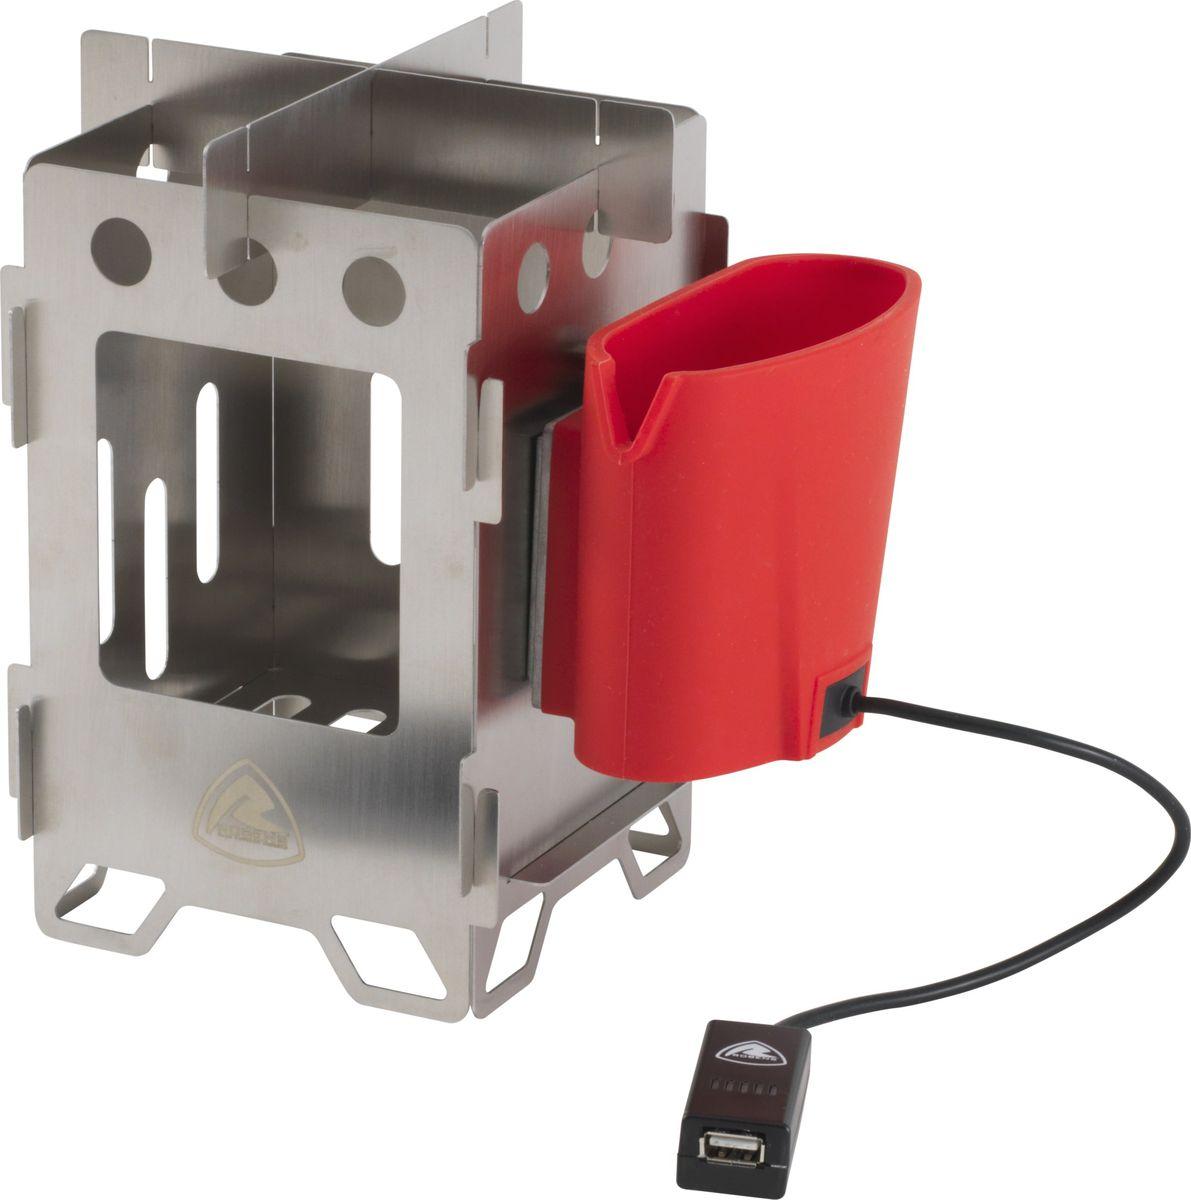 Печка-щепочница Robens, складная, с зарядным устройством, 12,5 х 12,5 x 19,5 см. 690221